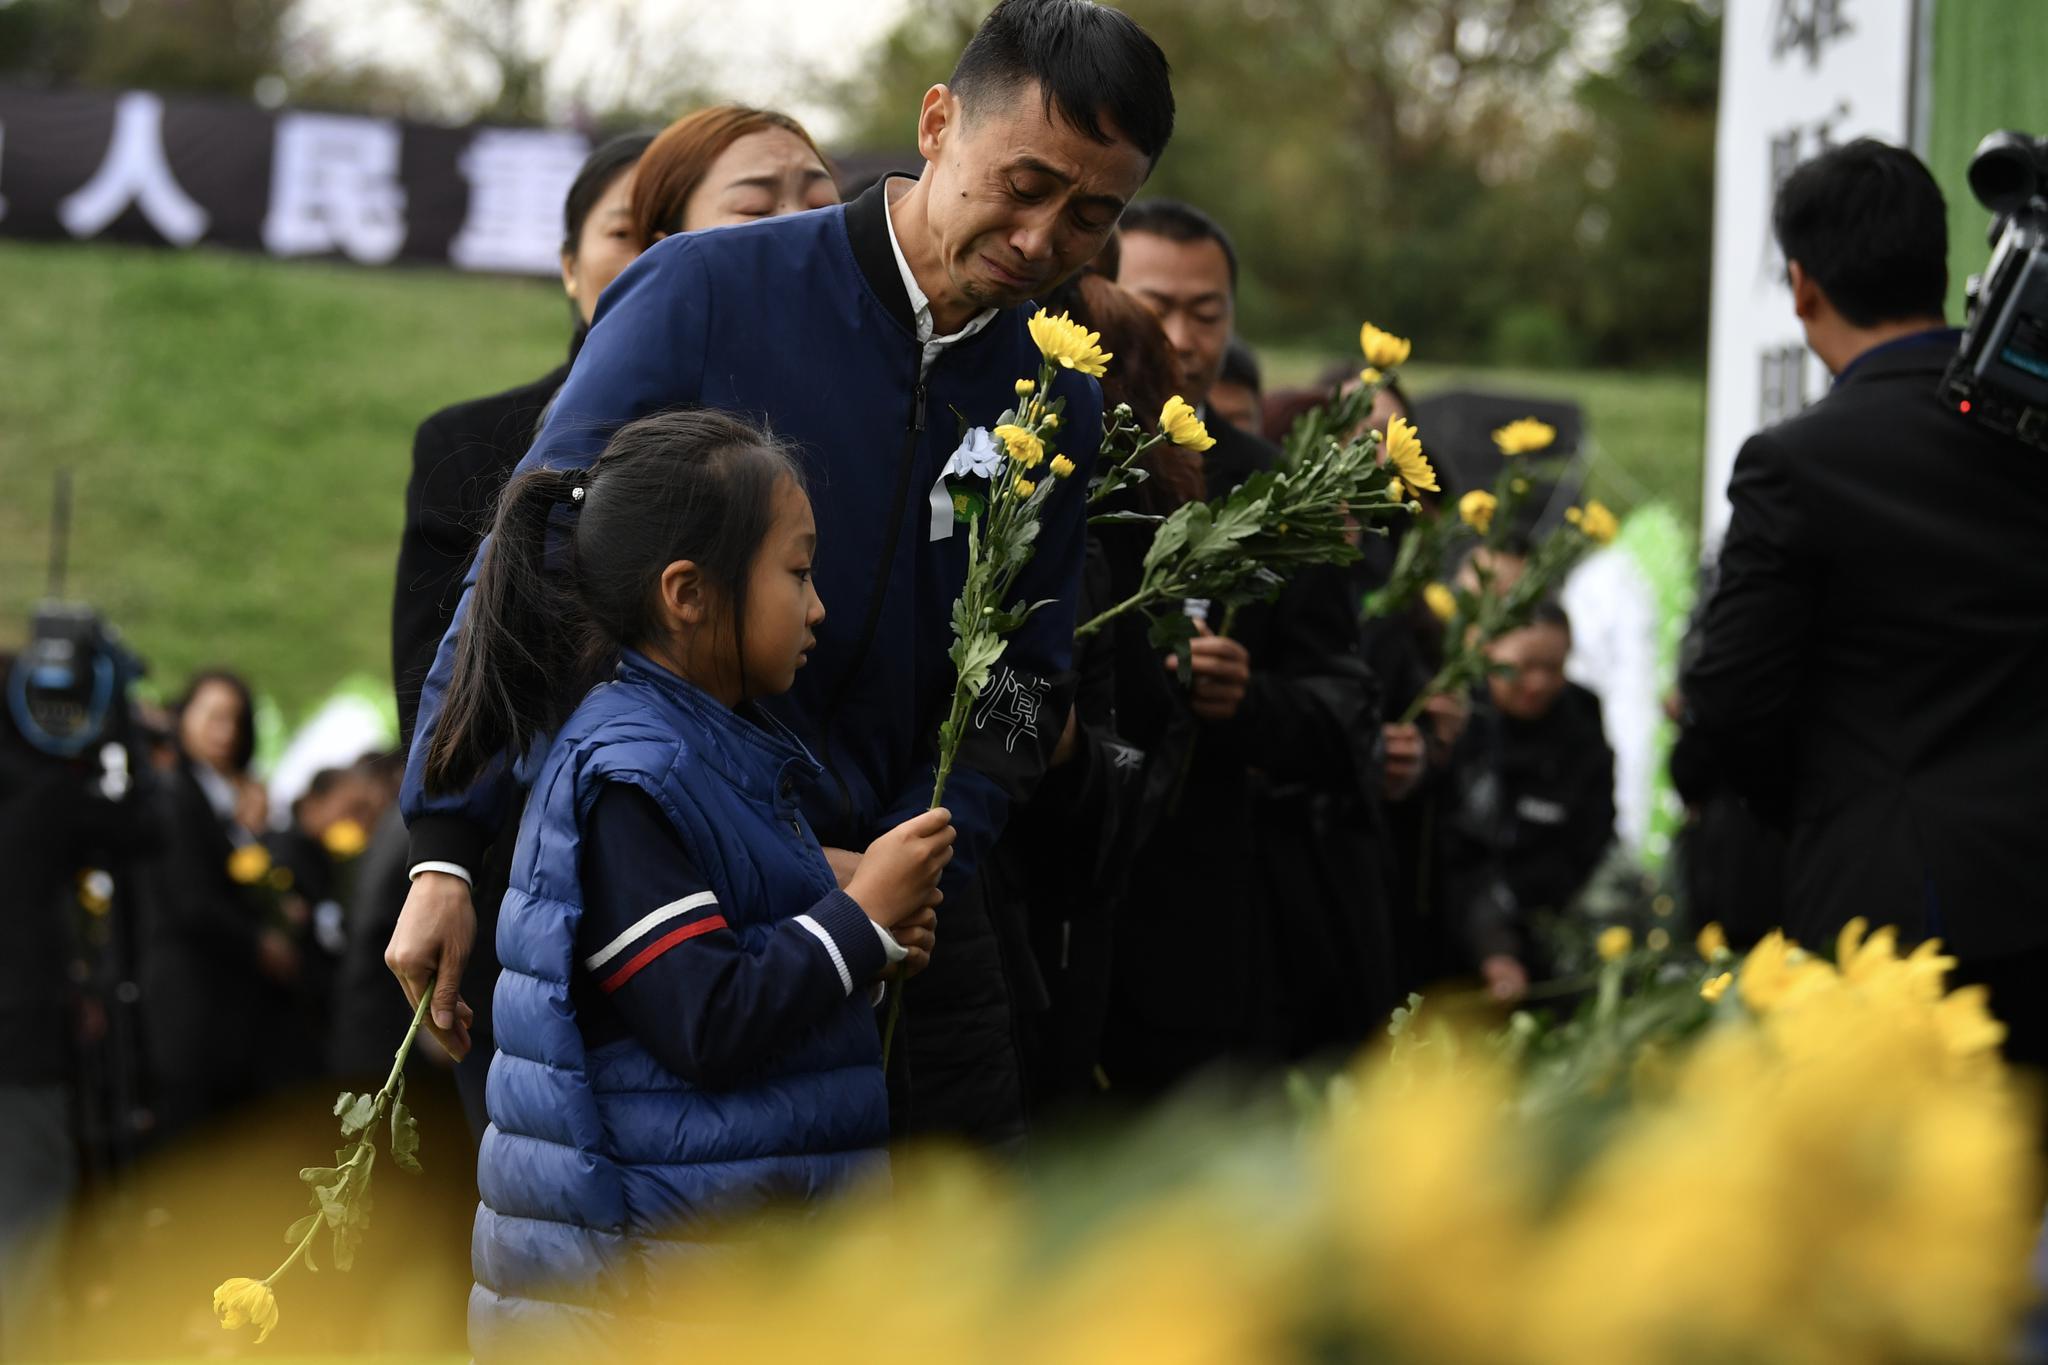 前来悼念的人们为扑火英雄献花。新京报记者吴江 摄